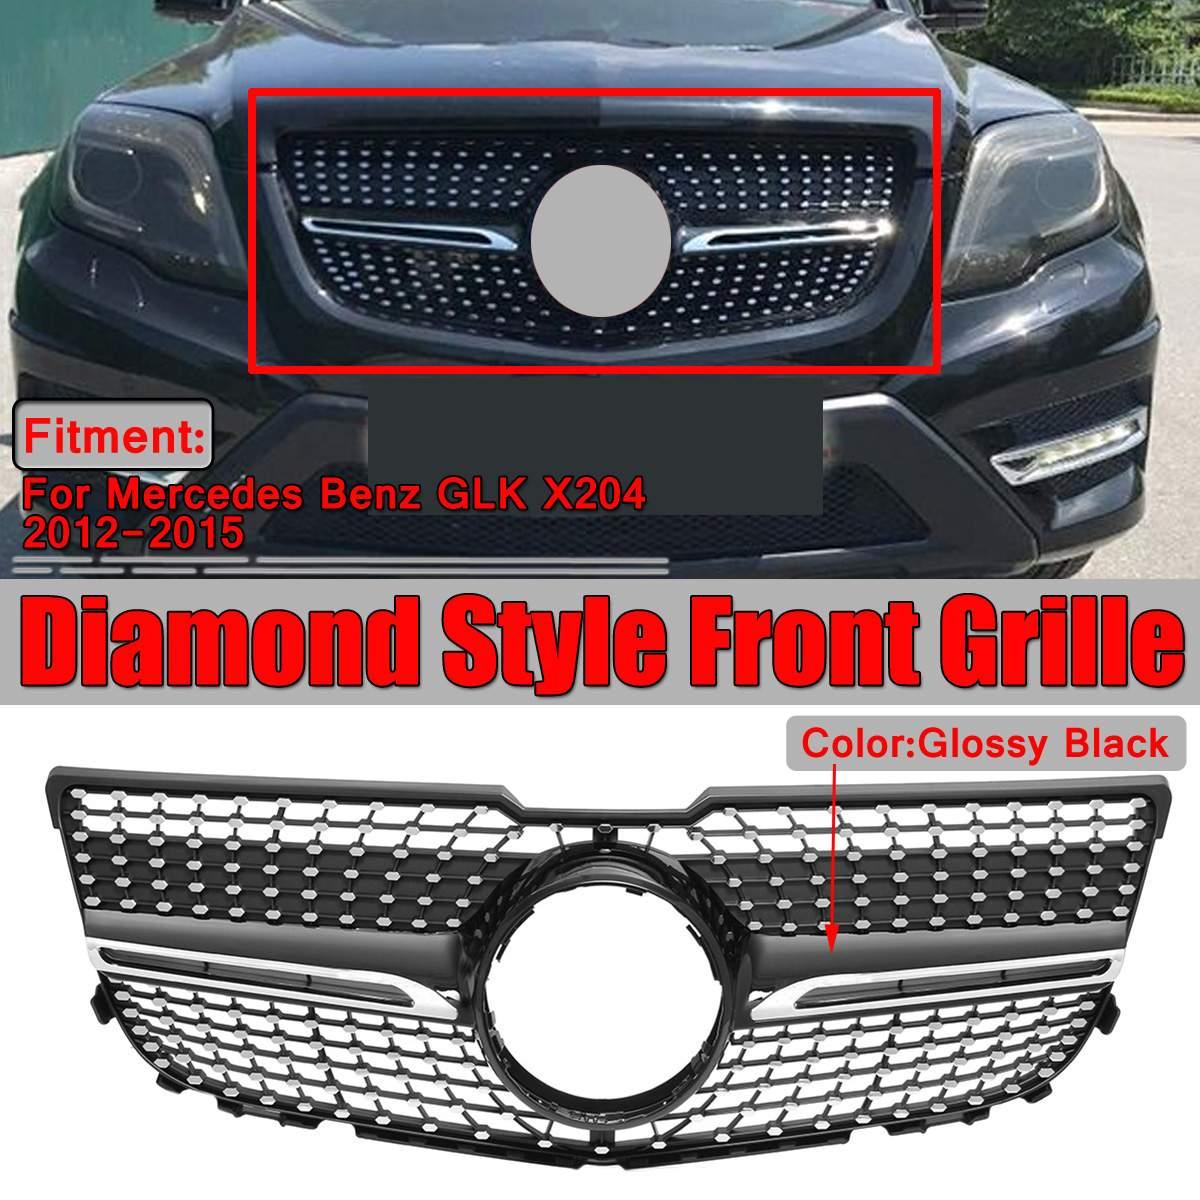 Haute qualité X204 diamant Grille de voiture pare-chocs avant Grille pour Mercedes pour Benz GLK X204 GLK250 GLK300 GLK350 2012-2015